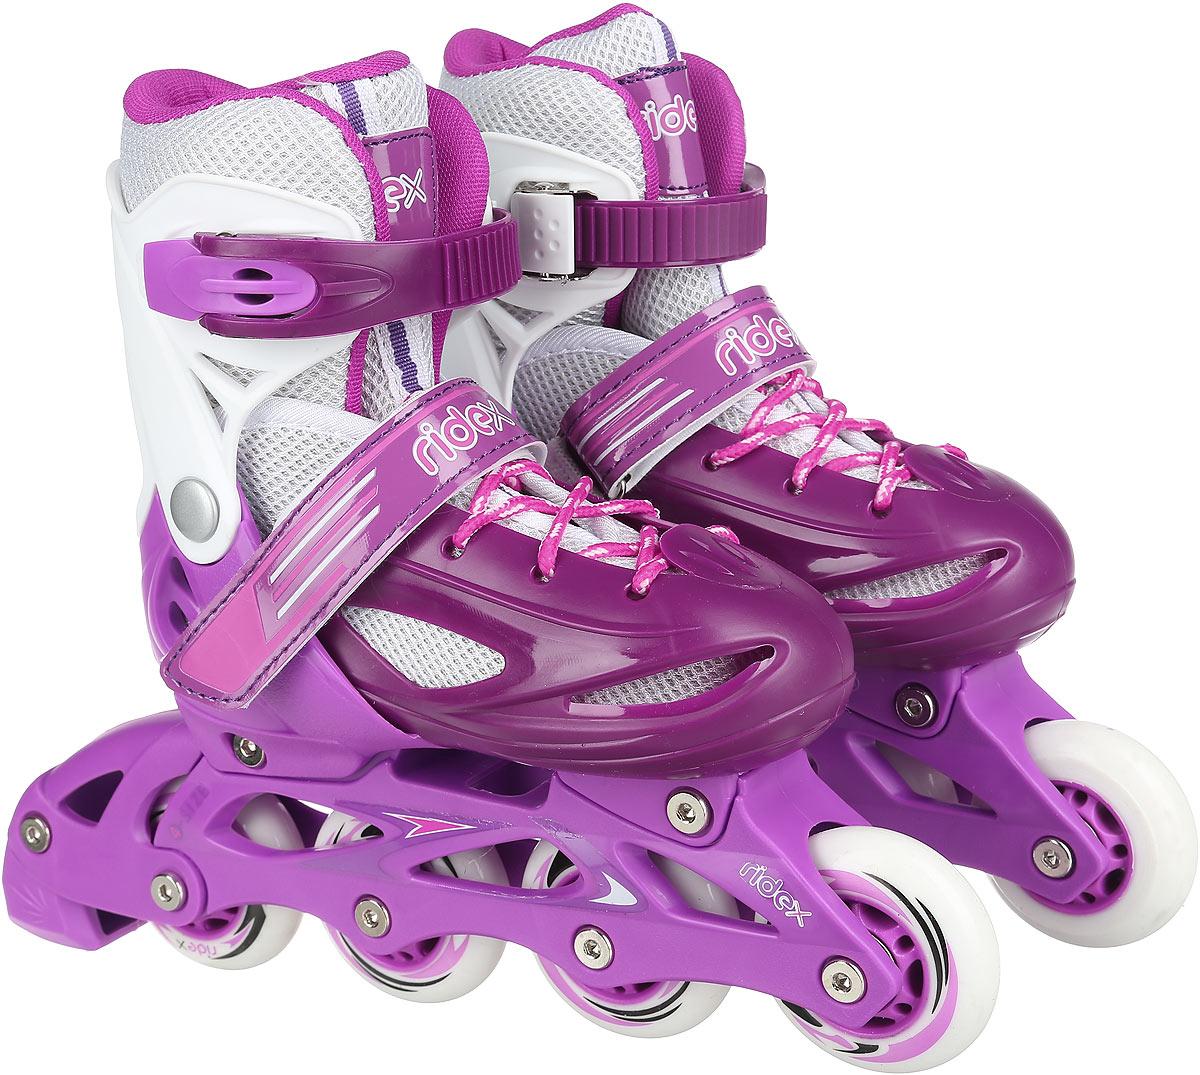 Коньки роликовые Ridex Sonny, раздвижные, цвет: фиолетовый, белый. УТ-00008099. Размер 30/33